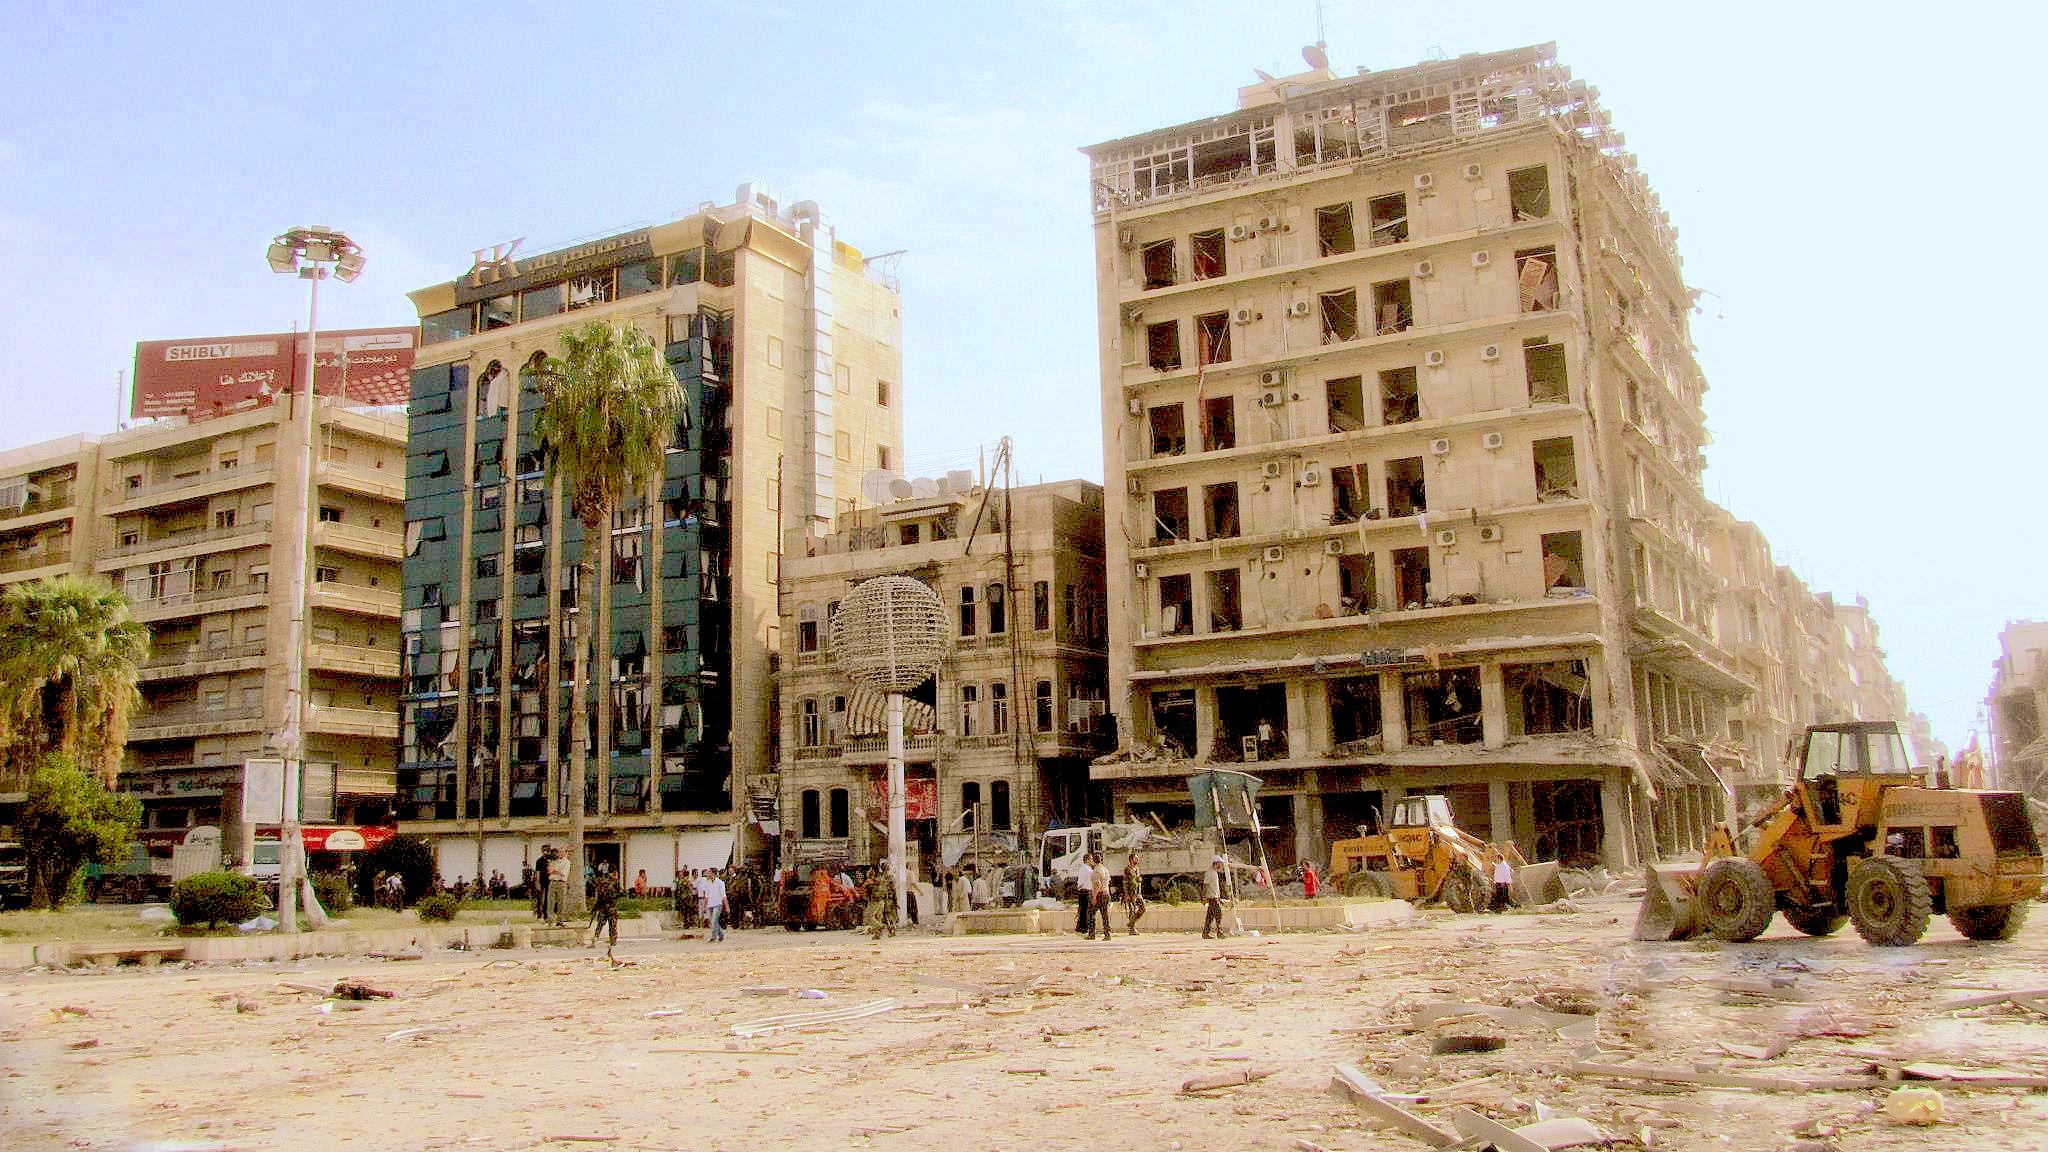 La ciudad de Alepo arrasada por los combates. (foto Wikicommons)